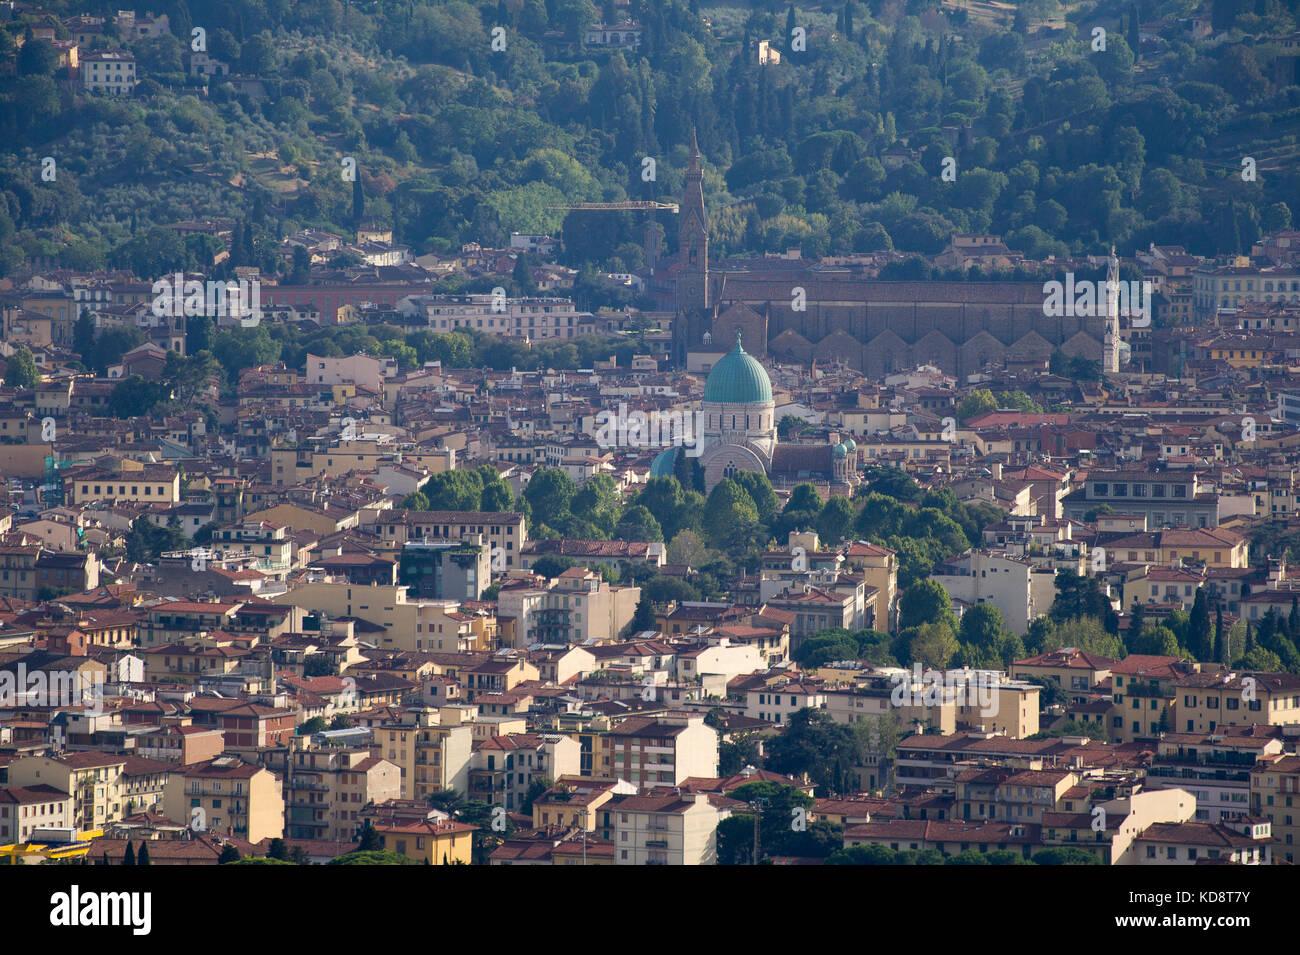 Great Synagogue of Florence (Tempio maggiore israelitico di Firenze) and Gothic Basilica di Santa Croce (Basilica Stock Photo